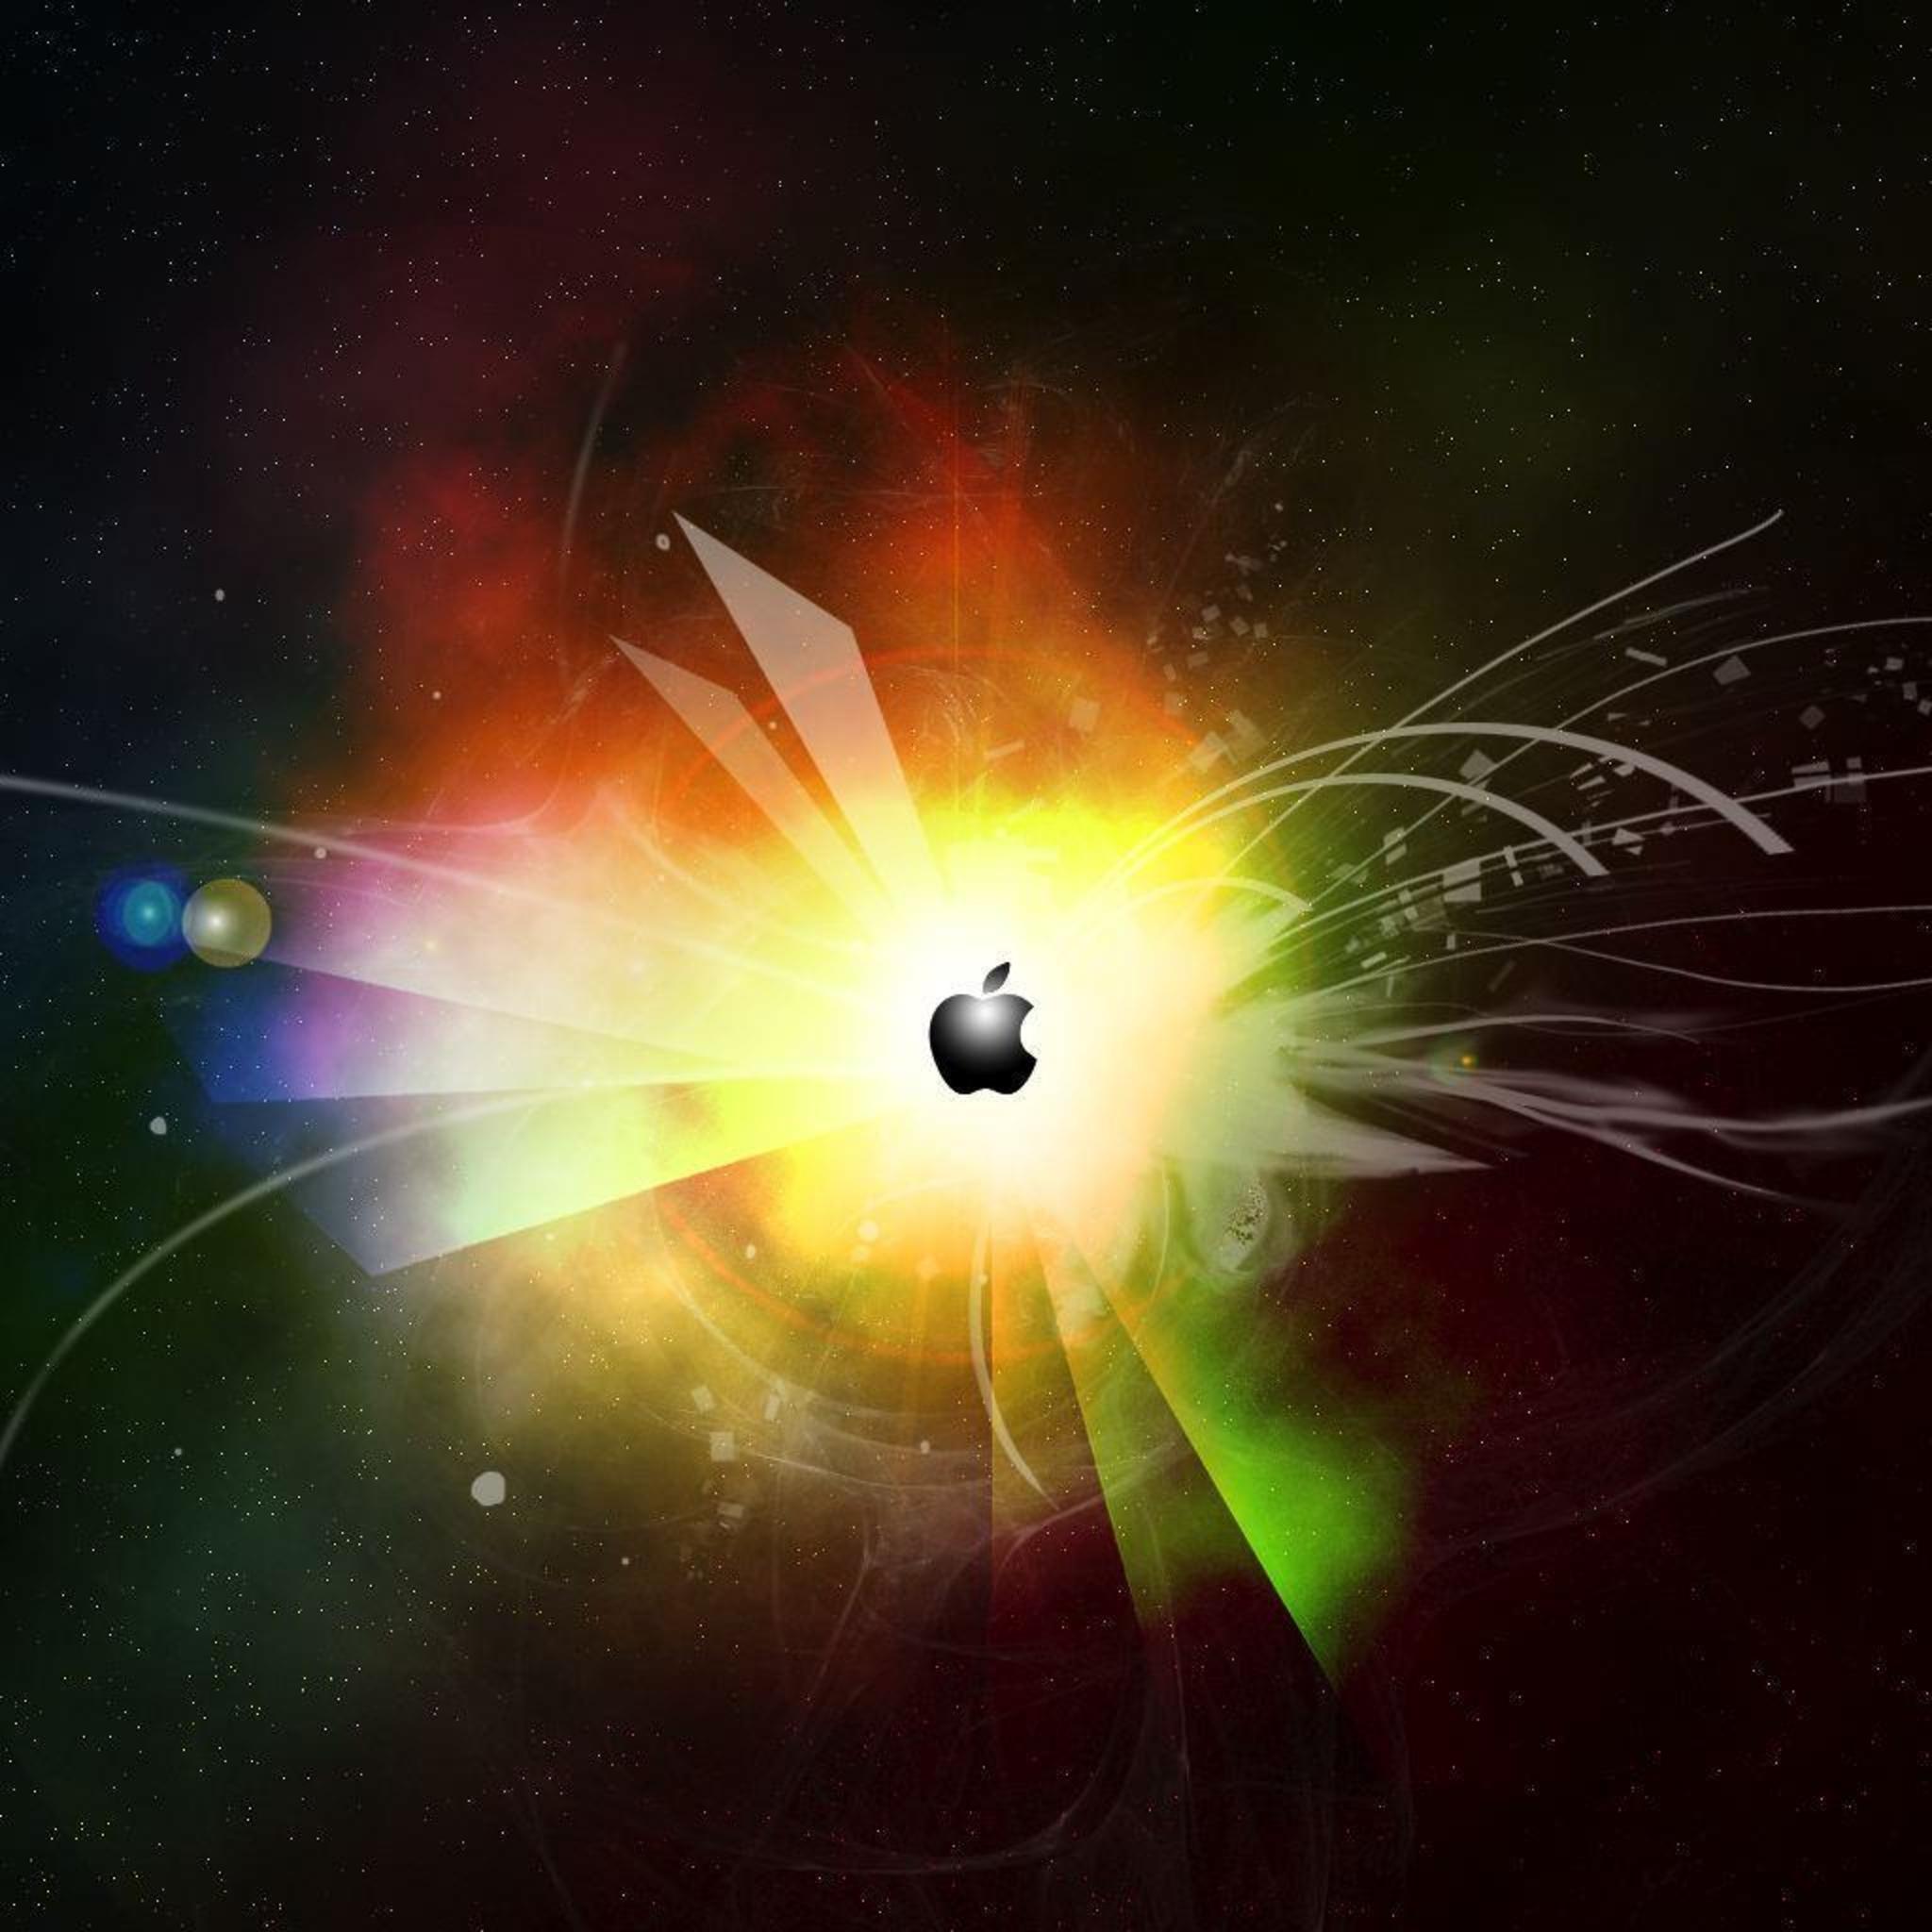 30 de wallpaper uri retina pentru iphone ipod touch ipad - Space iphone wallpaper retina ...